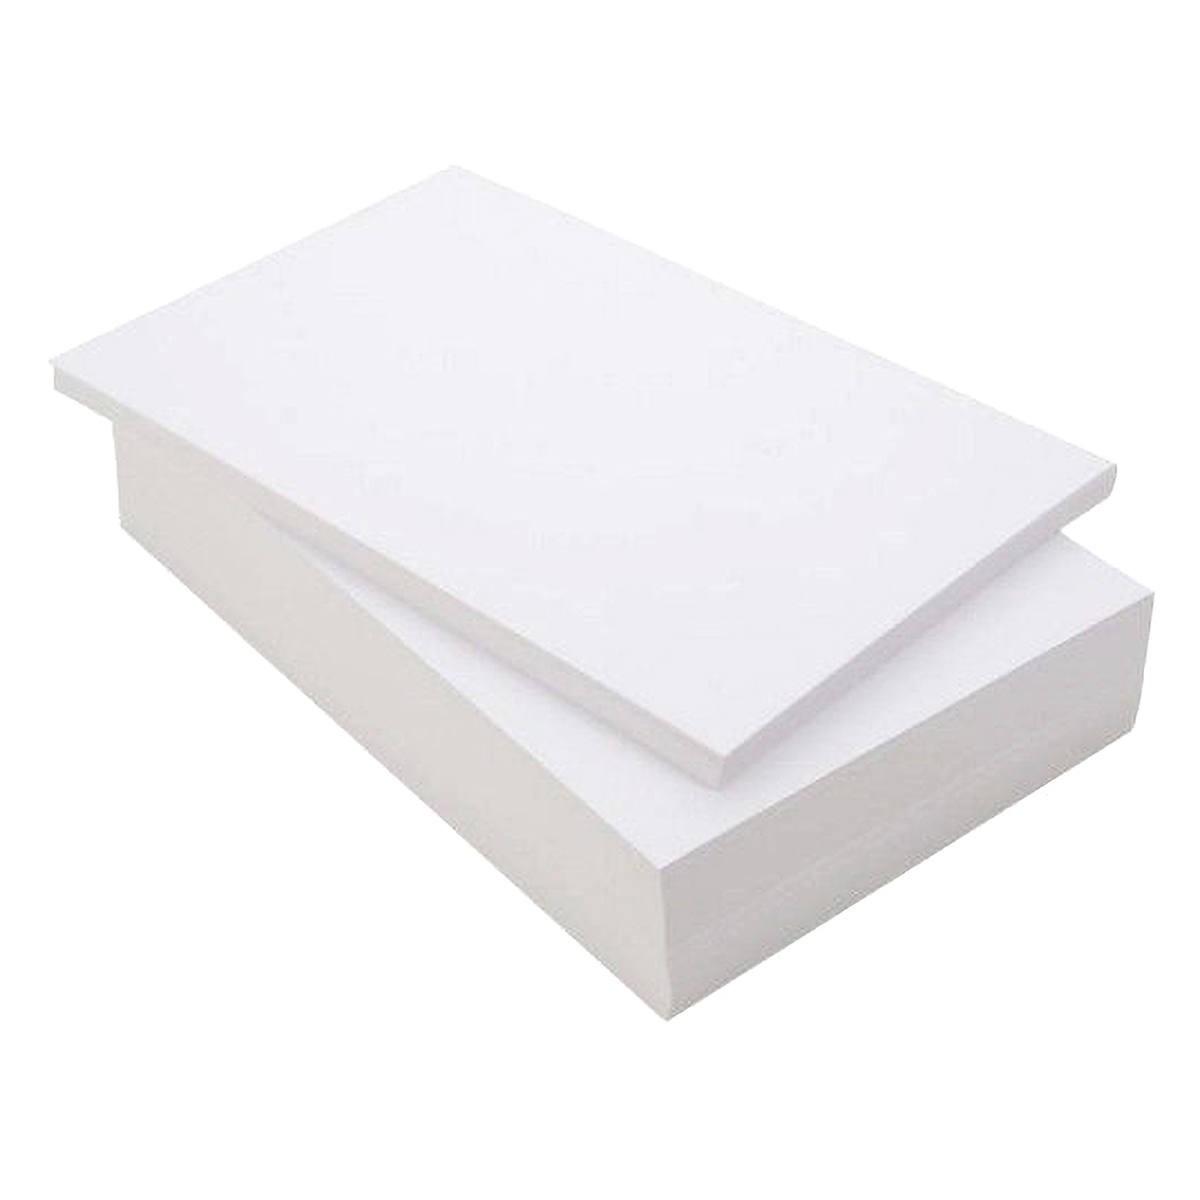 Papel Couche Fosco 160g A4 Branco Premium com 100 Folhas